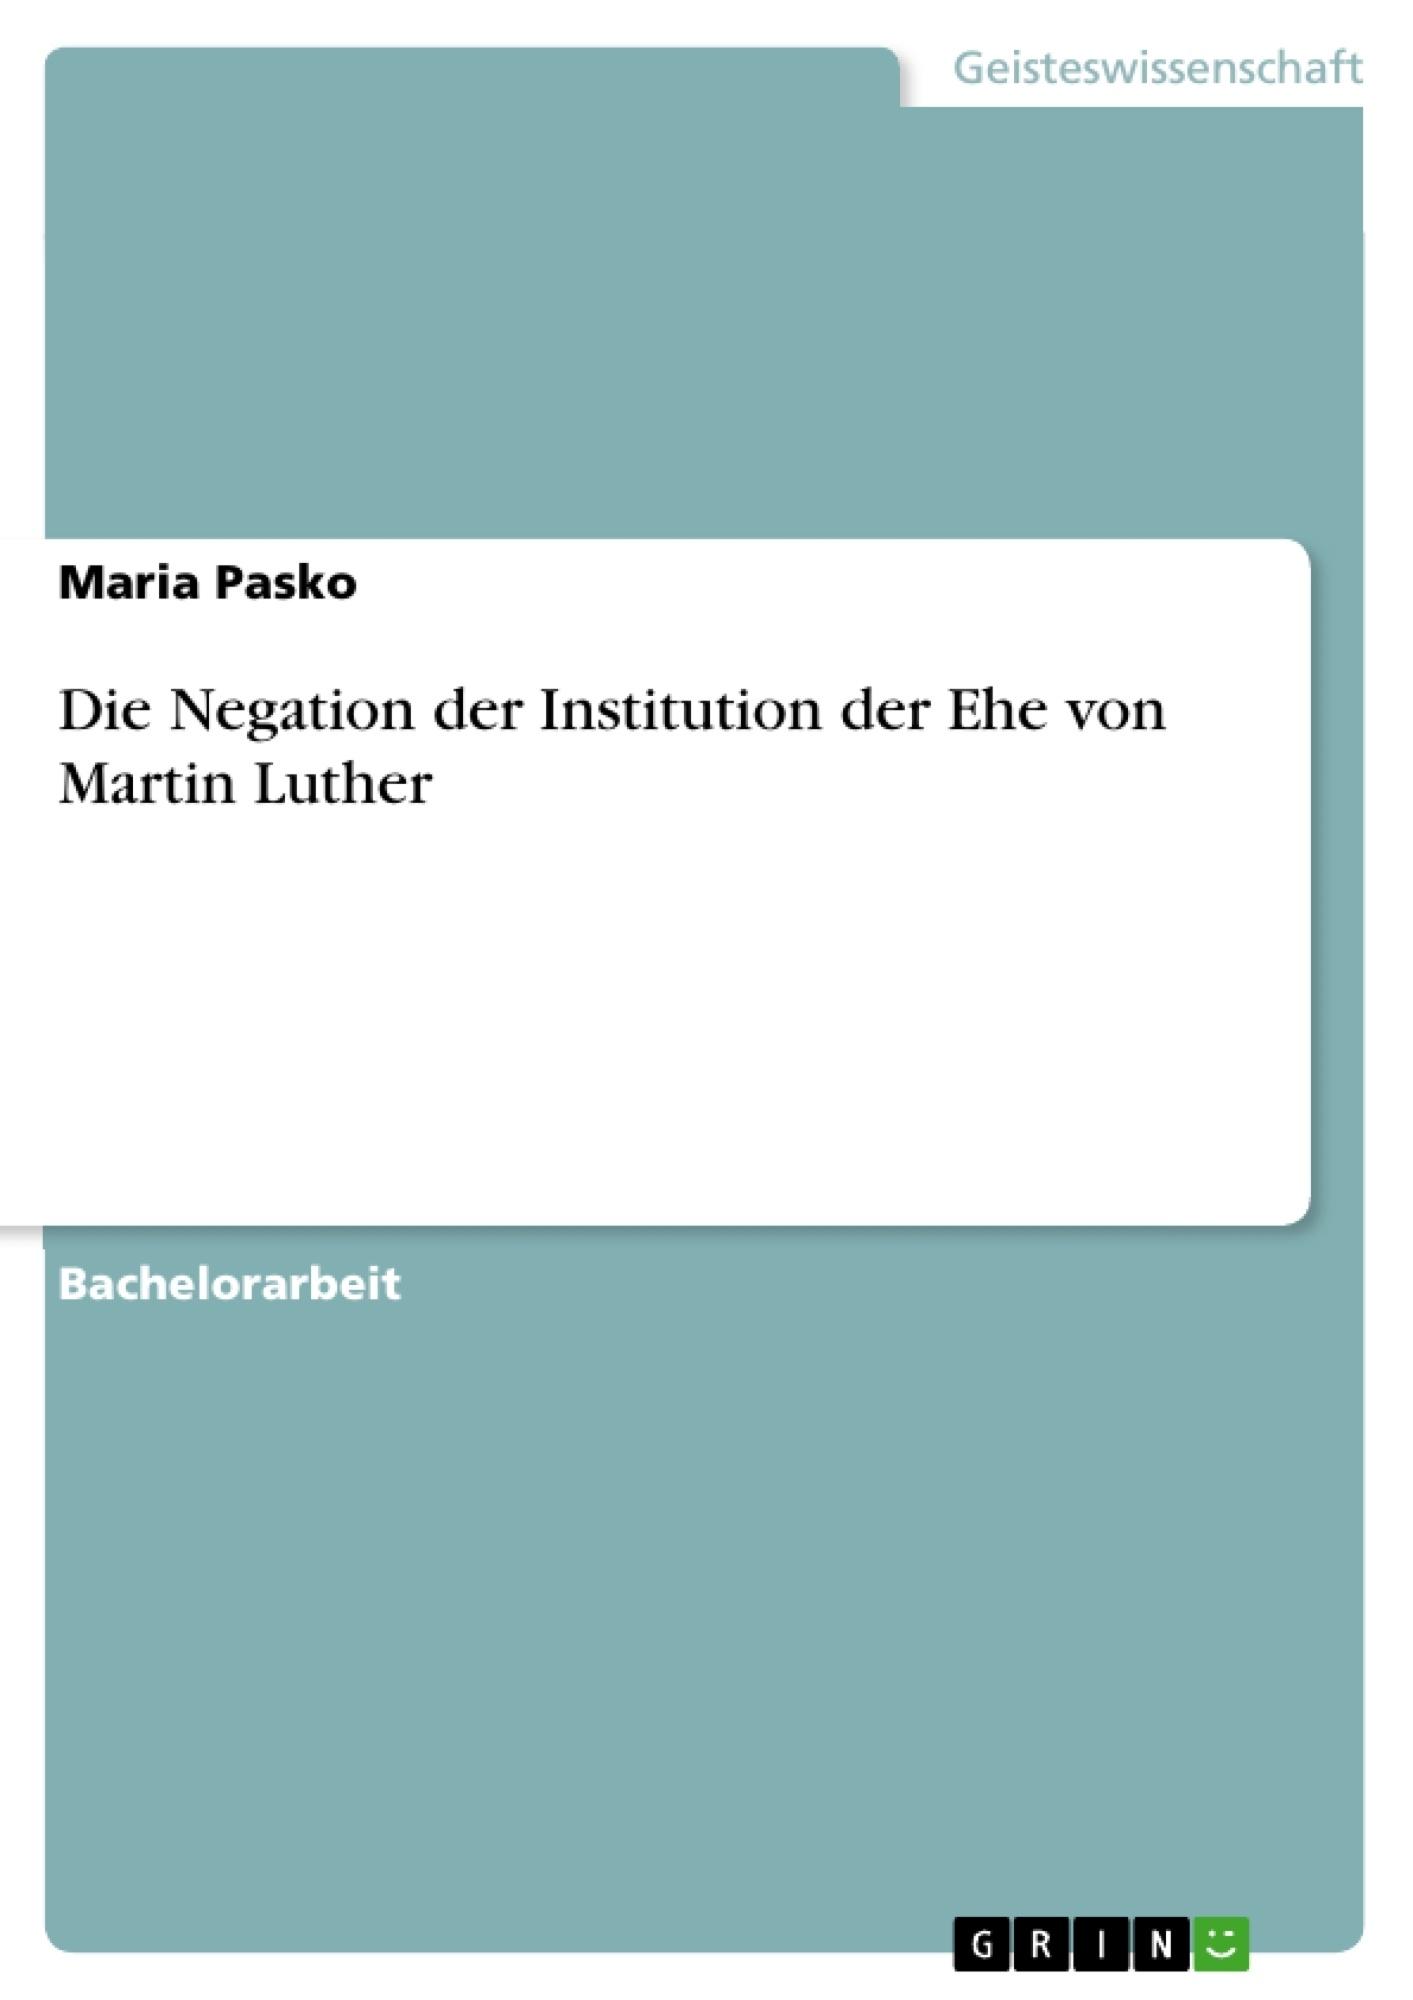 Titel: Die Negation der Institution der Ehe von Martin Luther